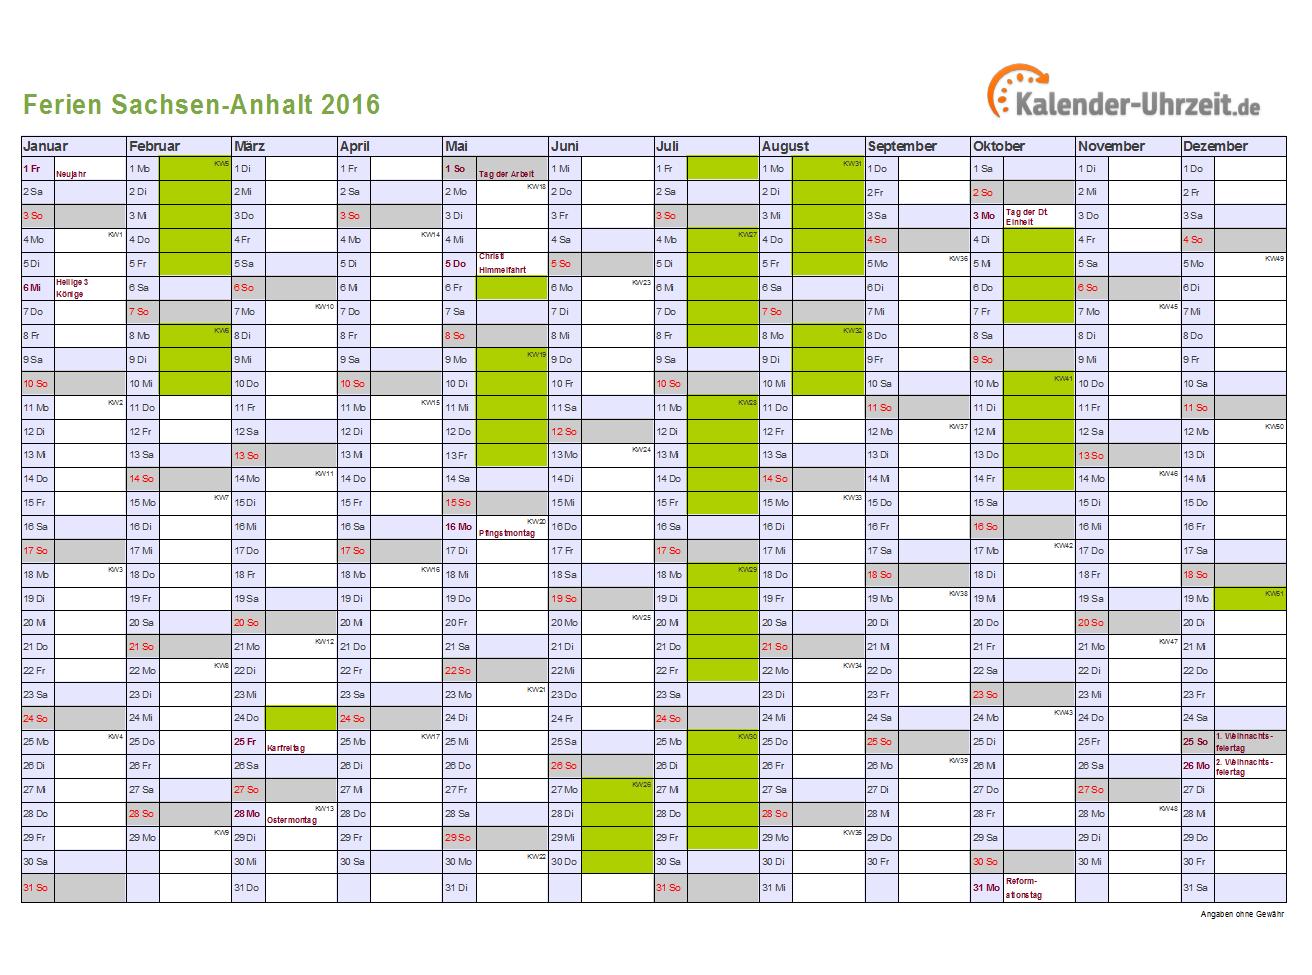 Ferienkalender 2016 für Sachsen-Anhalt - A4 quer-einseitig